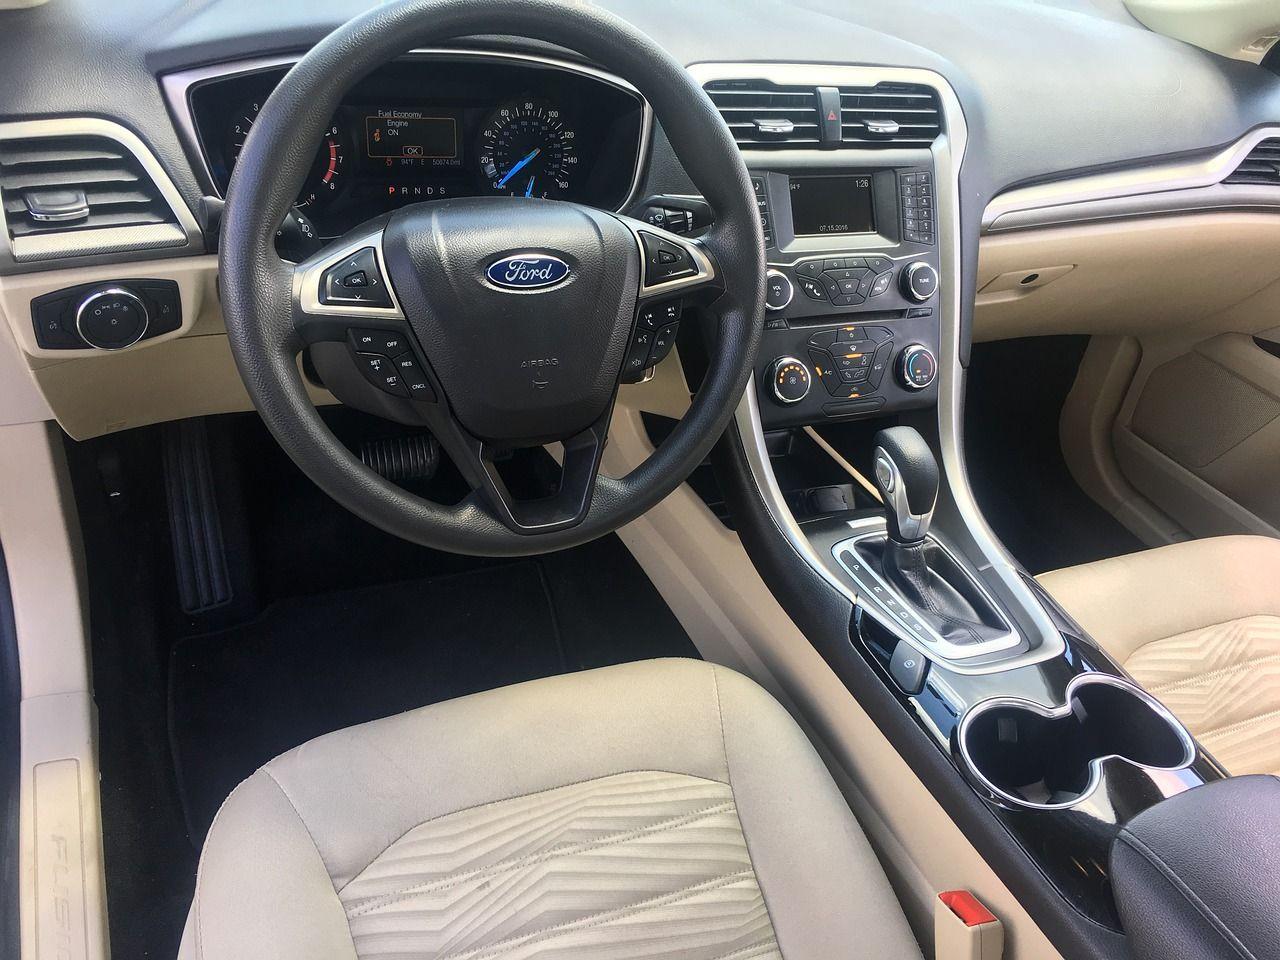 Yeni Ford Focus fiyatları inanılır gibi değil; Güncel liste çok başka - Sayfa 4